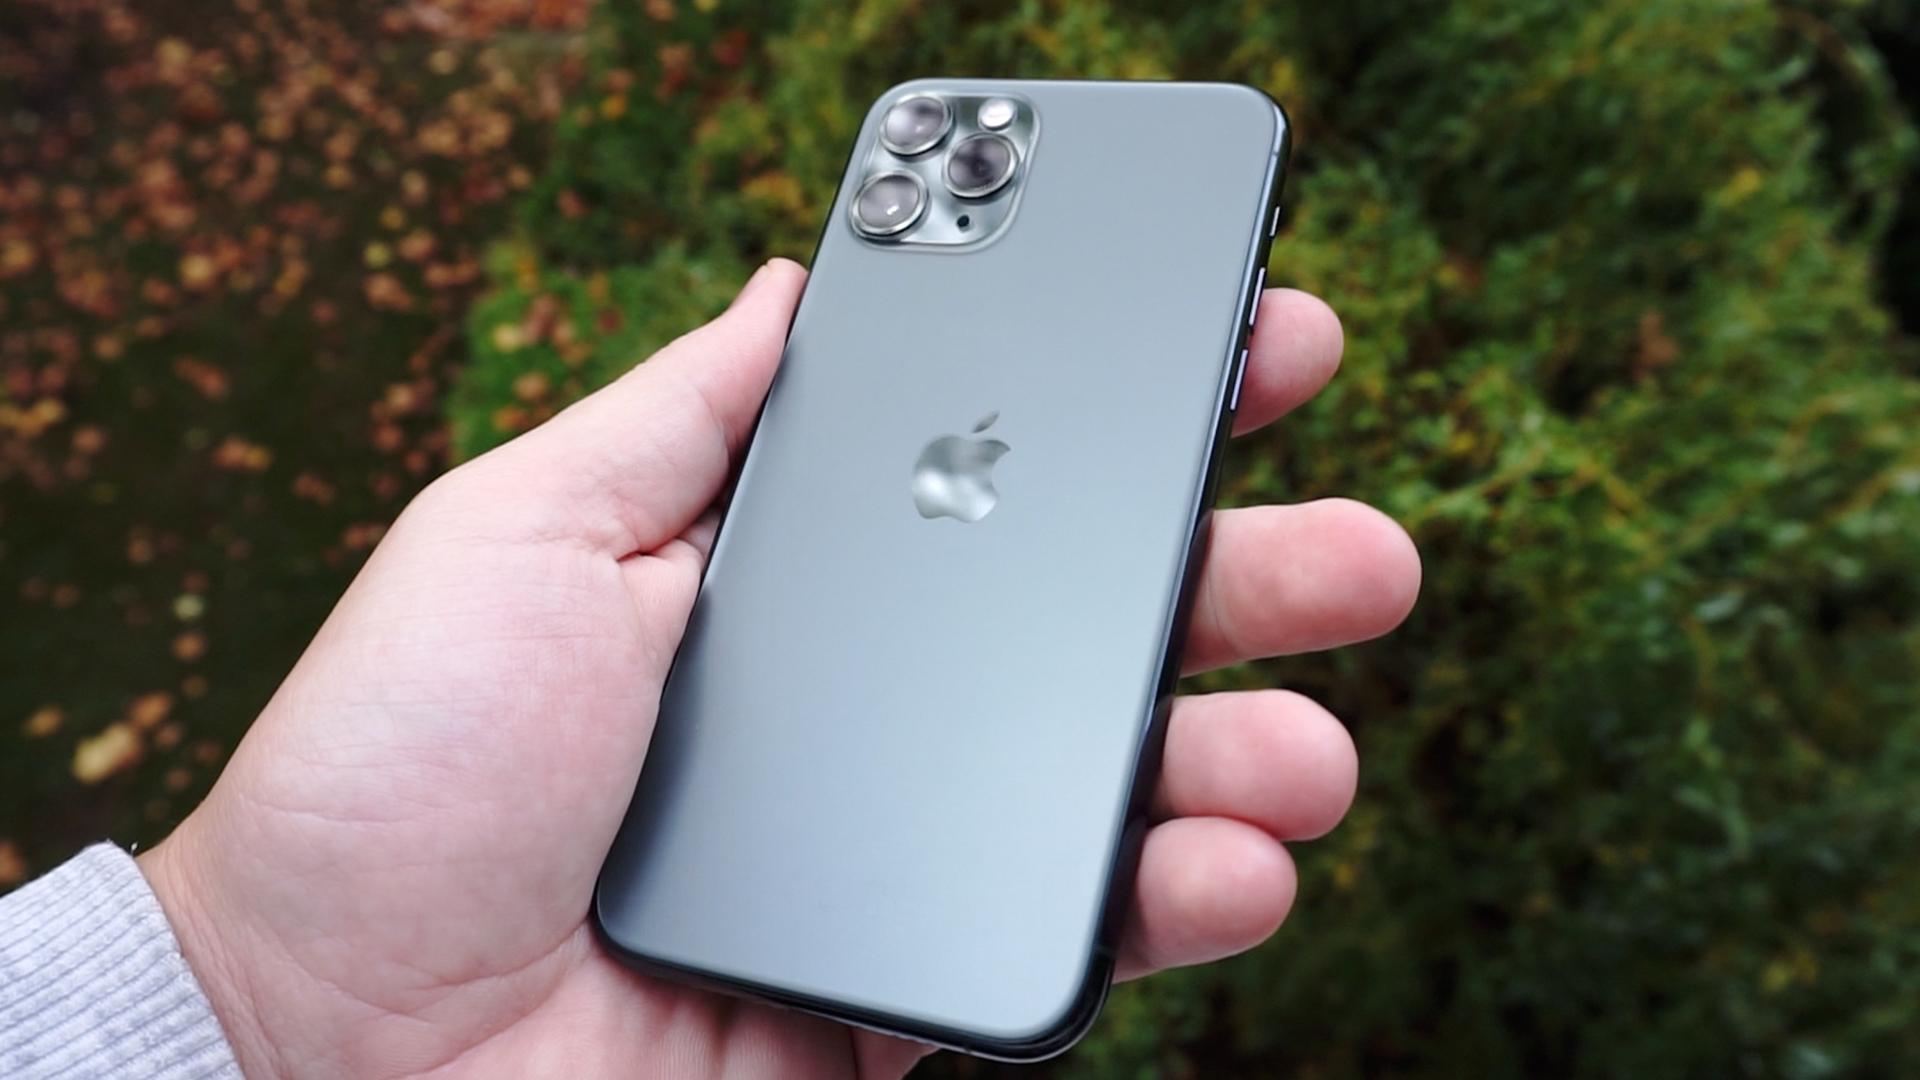 iphone-11-pro-kameravergleich-neuerungen